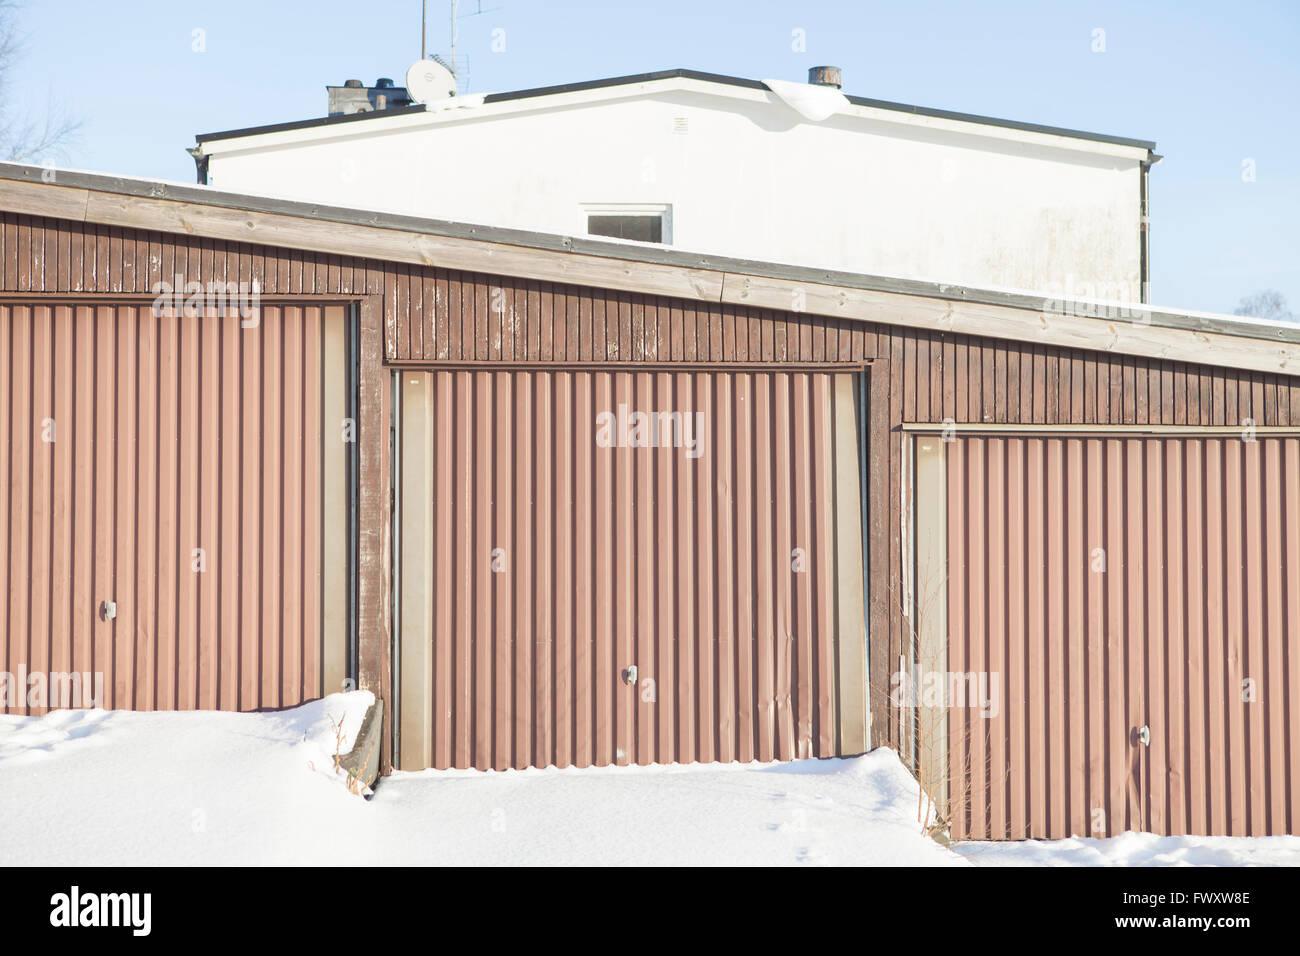 Suecia, Vastergotland, Lerum, primerísimos de tres puertas de garajes adyacentes Imagen De Stock